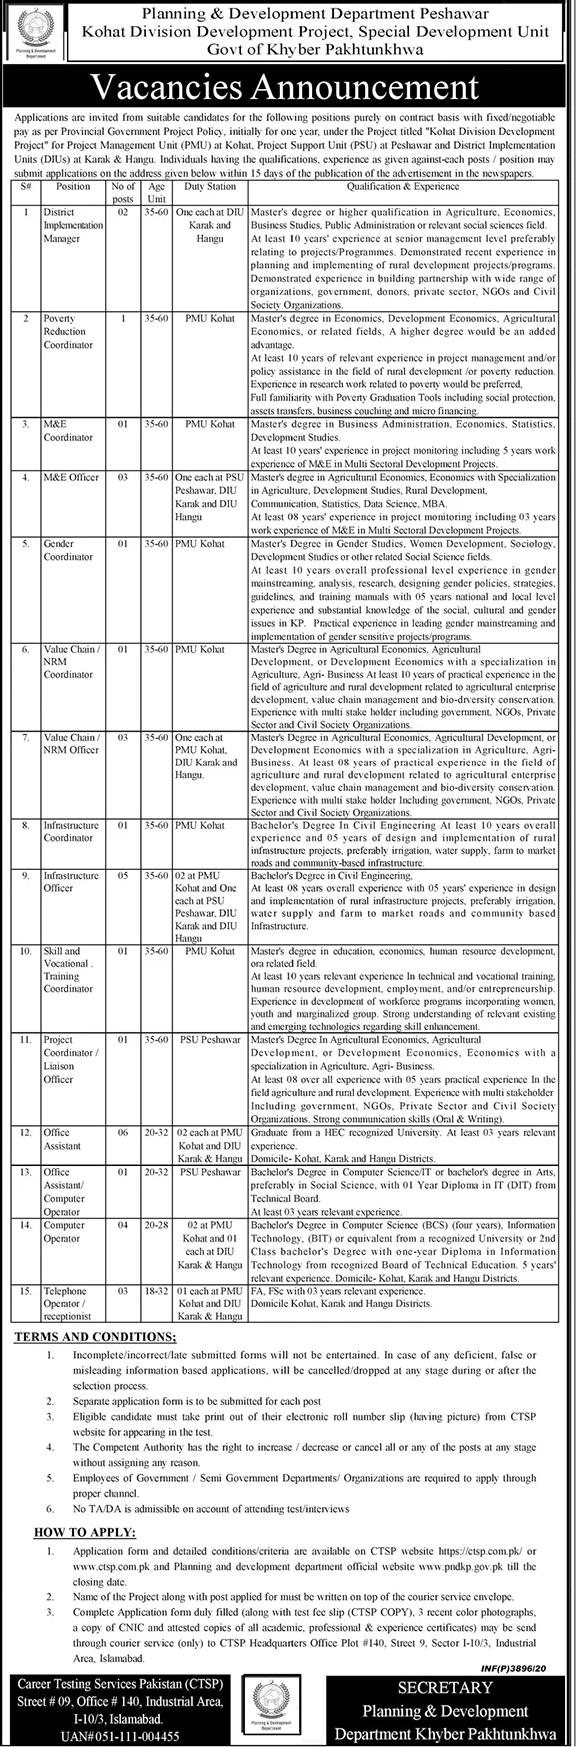 Planning & Development Department Jobs October 2020